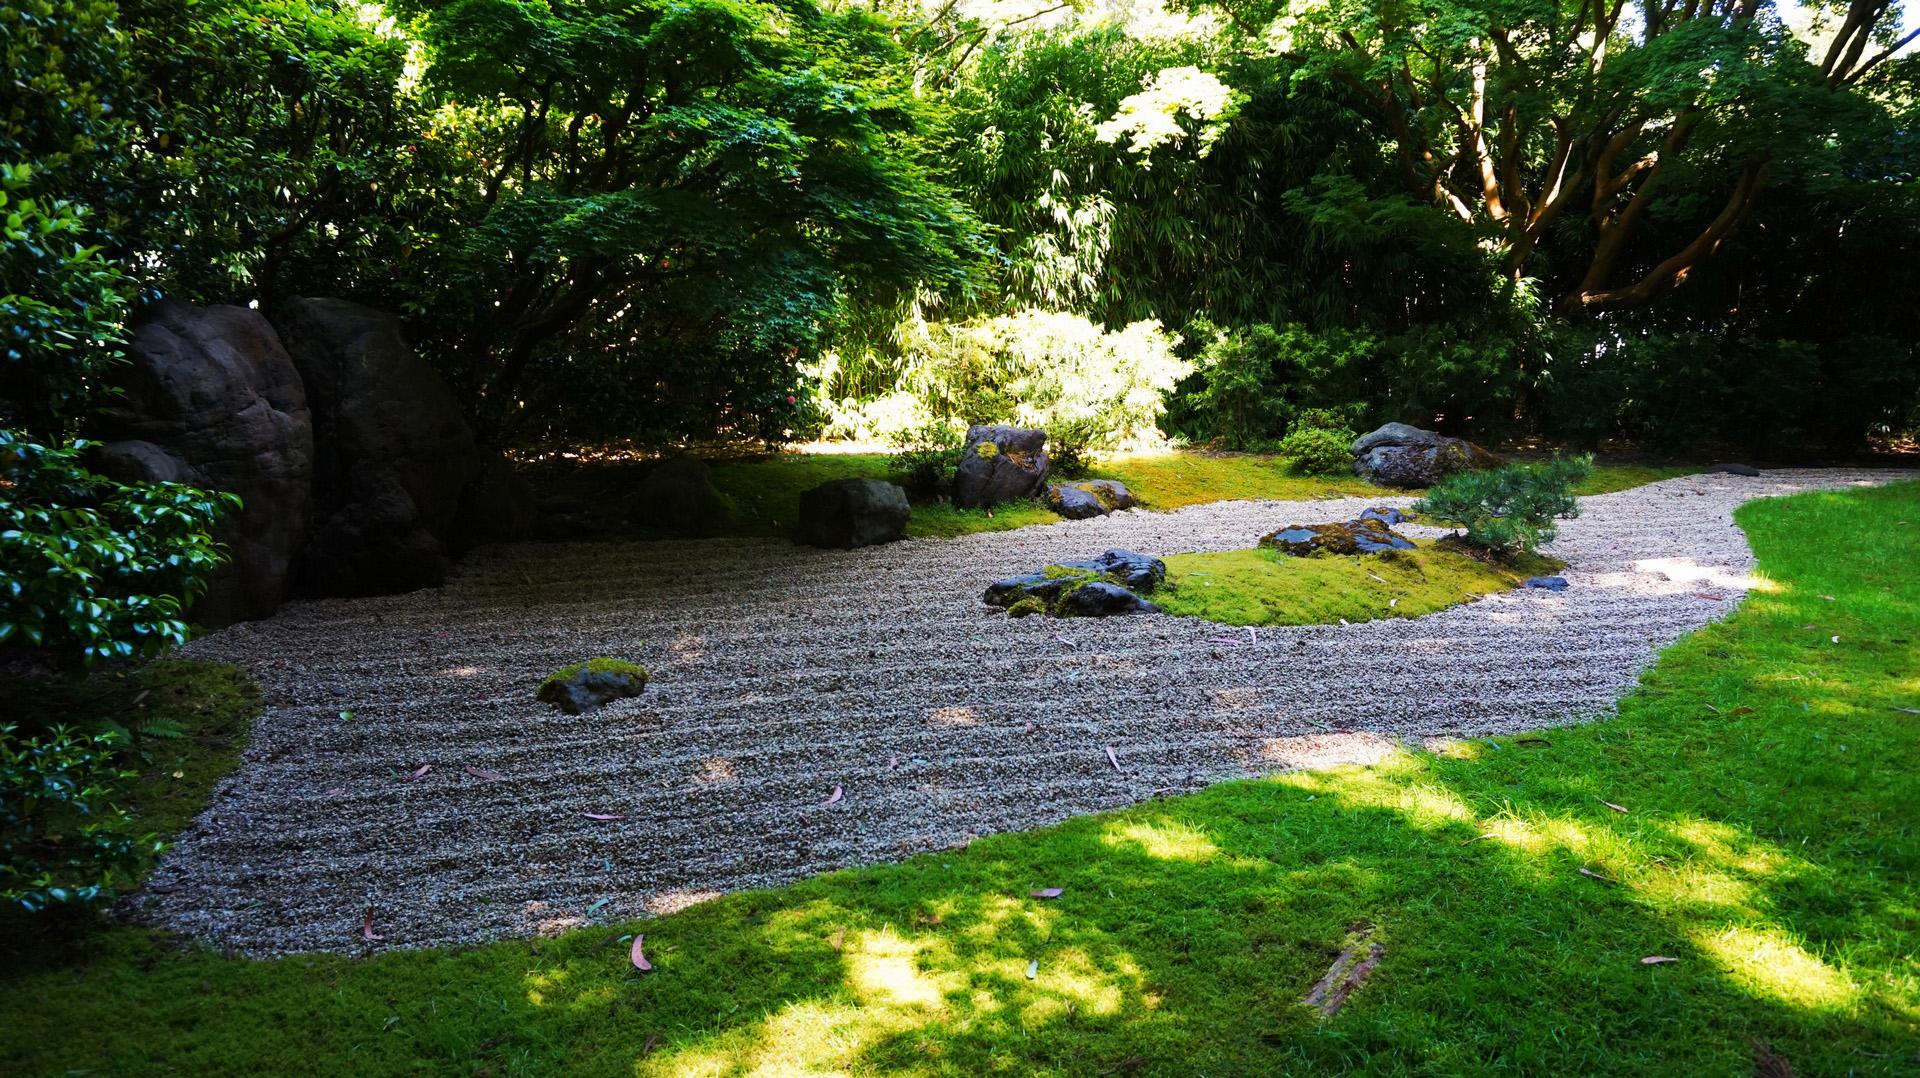 Cichy ogród w Japońskim Ogrodzie Golden Gate Park, San Francisco, USA | Sway the way